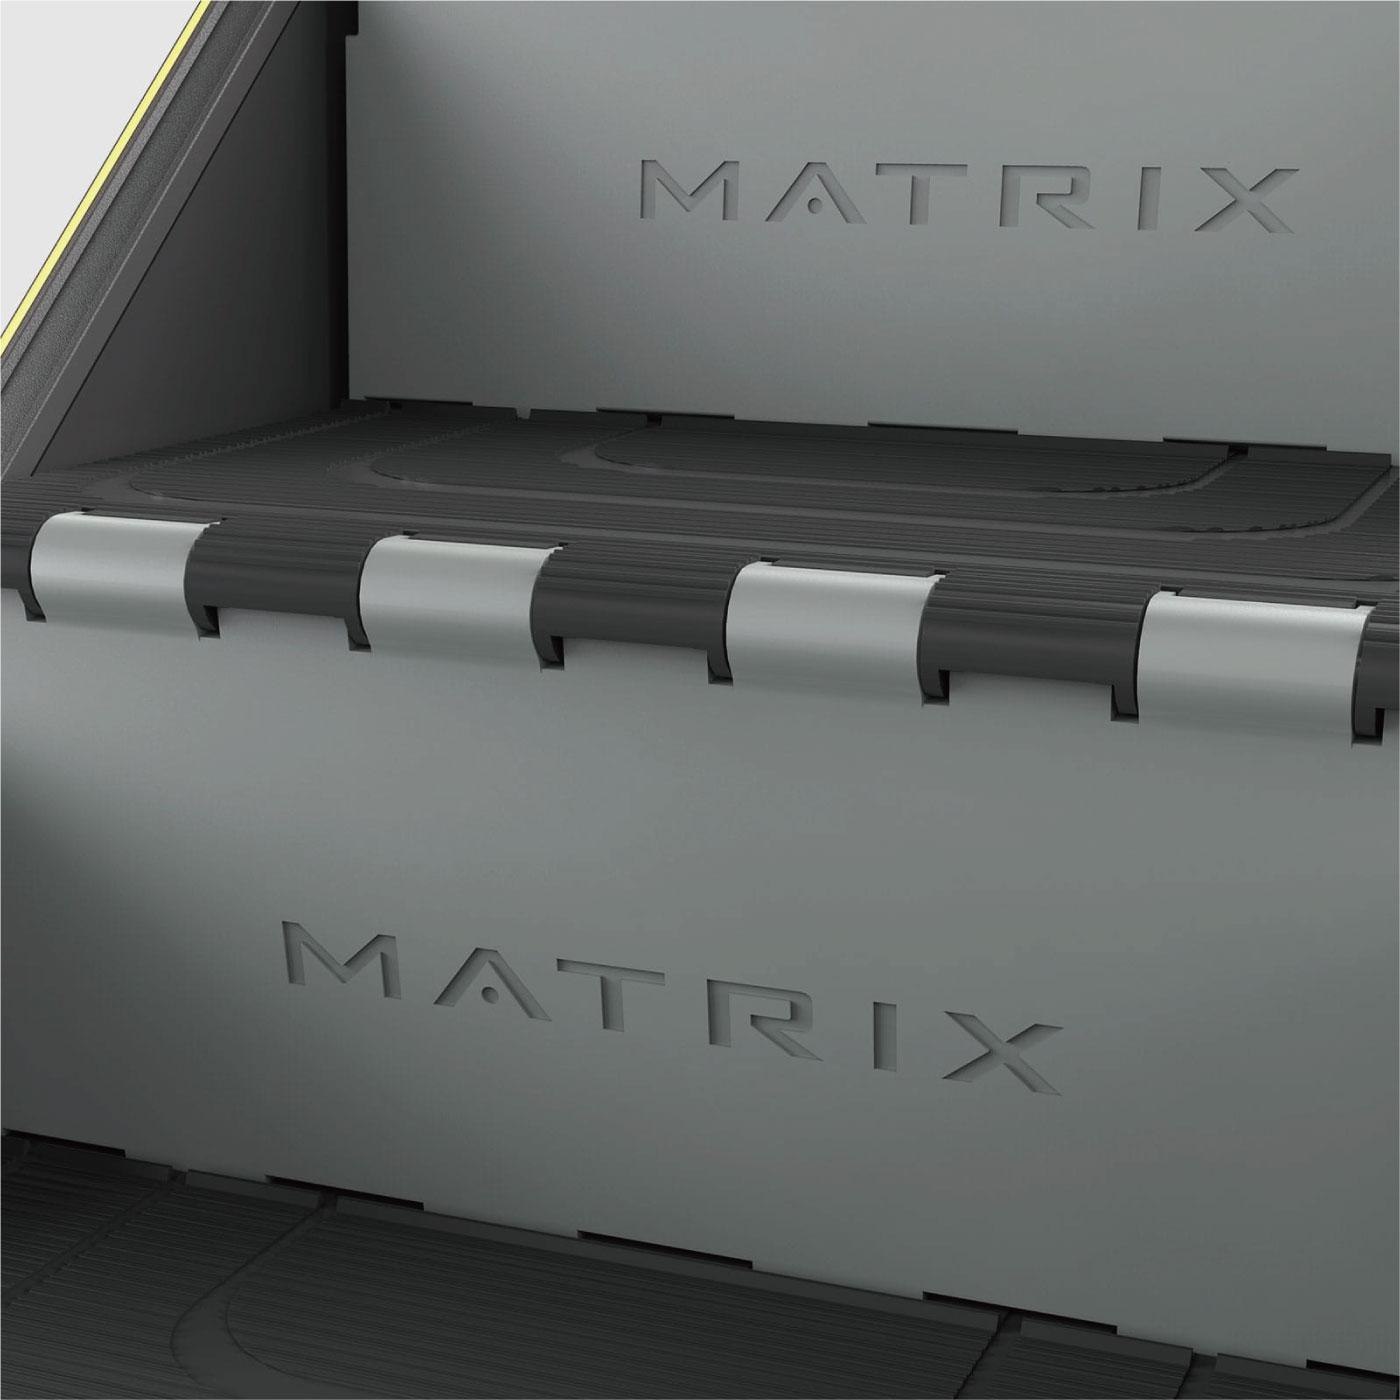 C3x/業務用クライムミル〈業務用MATRIX〉《ジョンソンヘルステック》